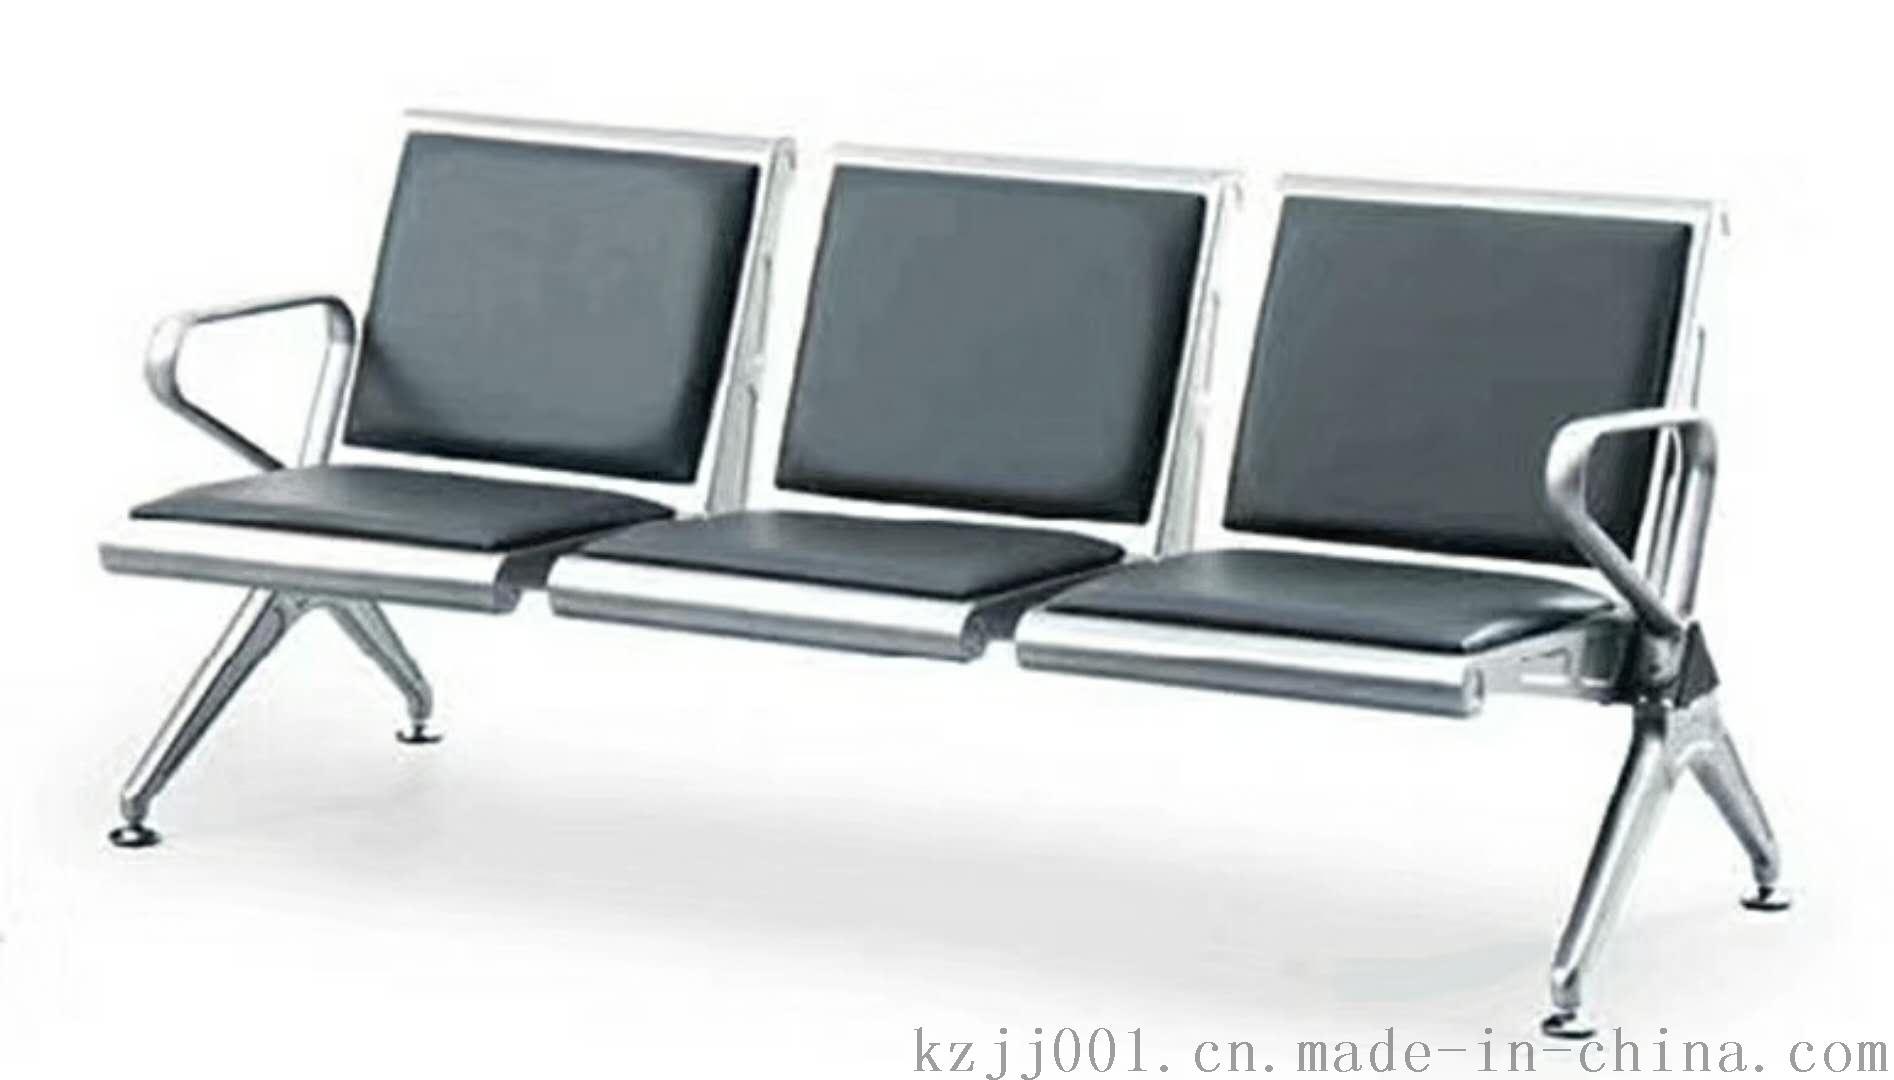 低价钢排椅*钢制连排椅*大厅公共区钢制连排椅65465945